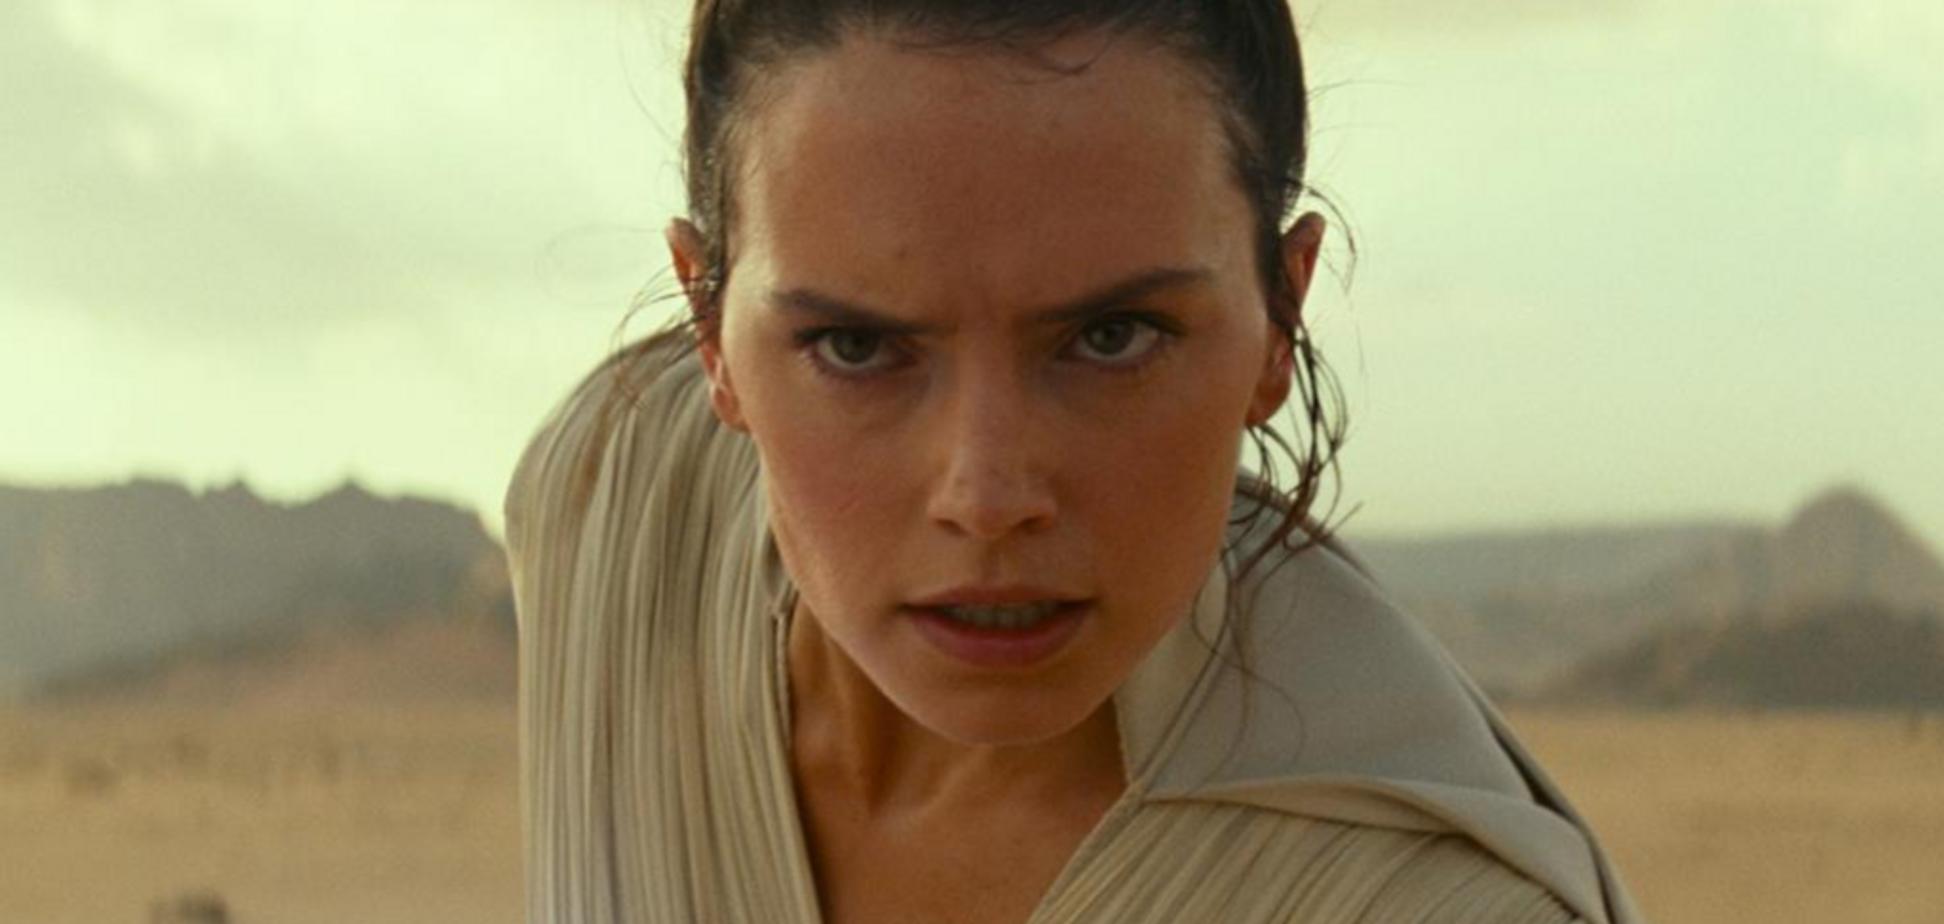 'Звездные войны' возвращаются: появился первый тизер нового эпизода